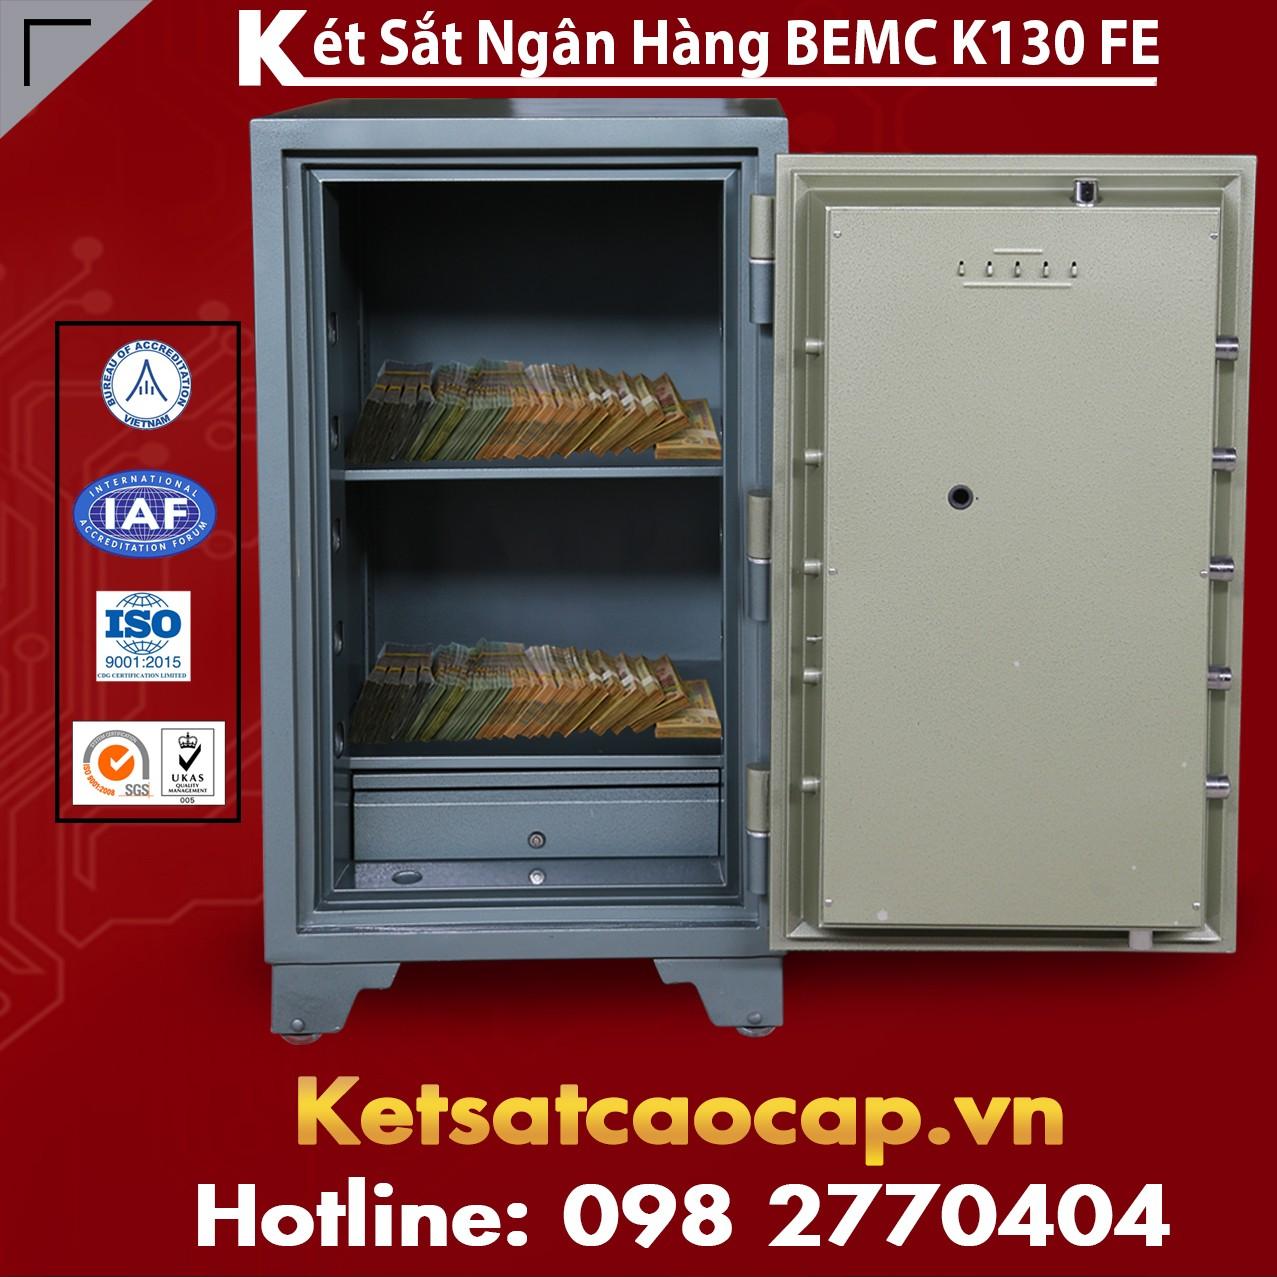 Két Sắt Vân Tay Điện Tử BEMC K130 FE nên lựa chọn loại nào cho tốt